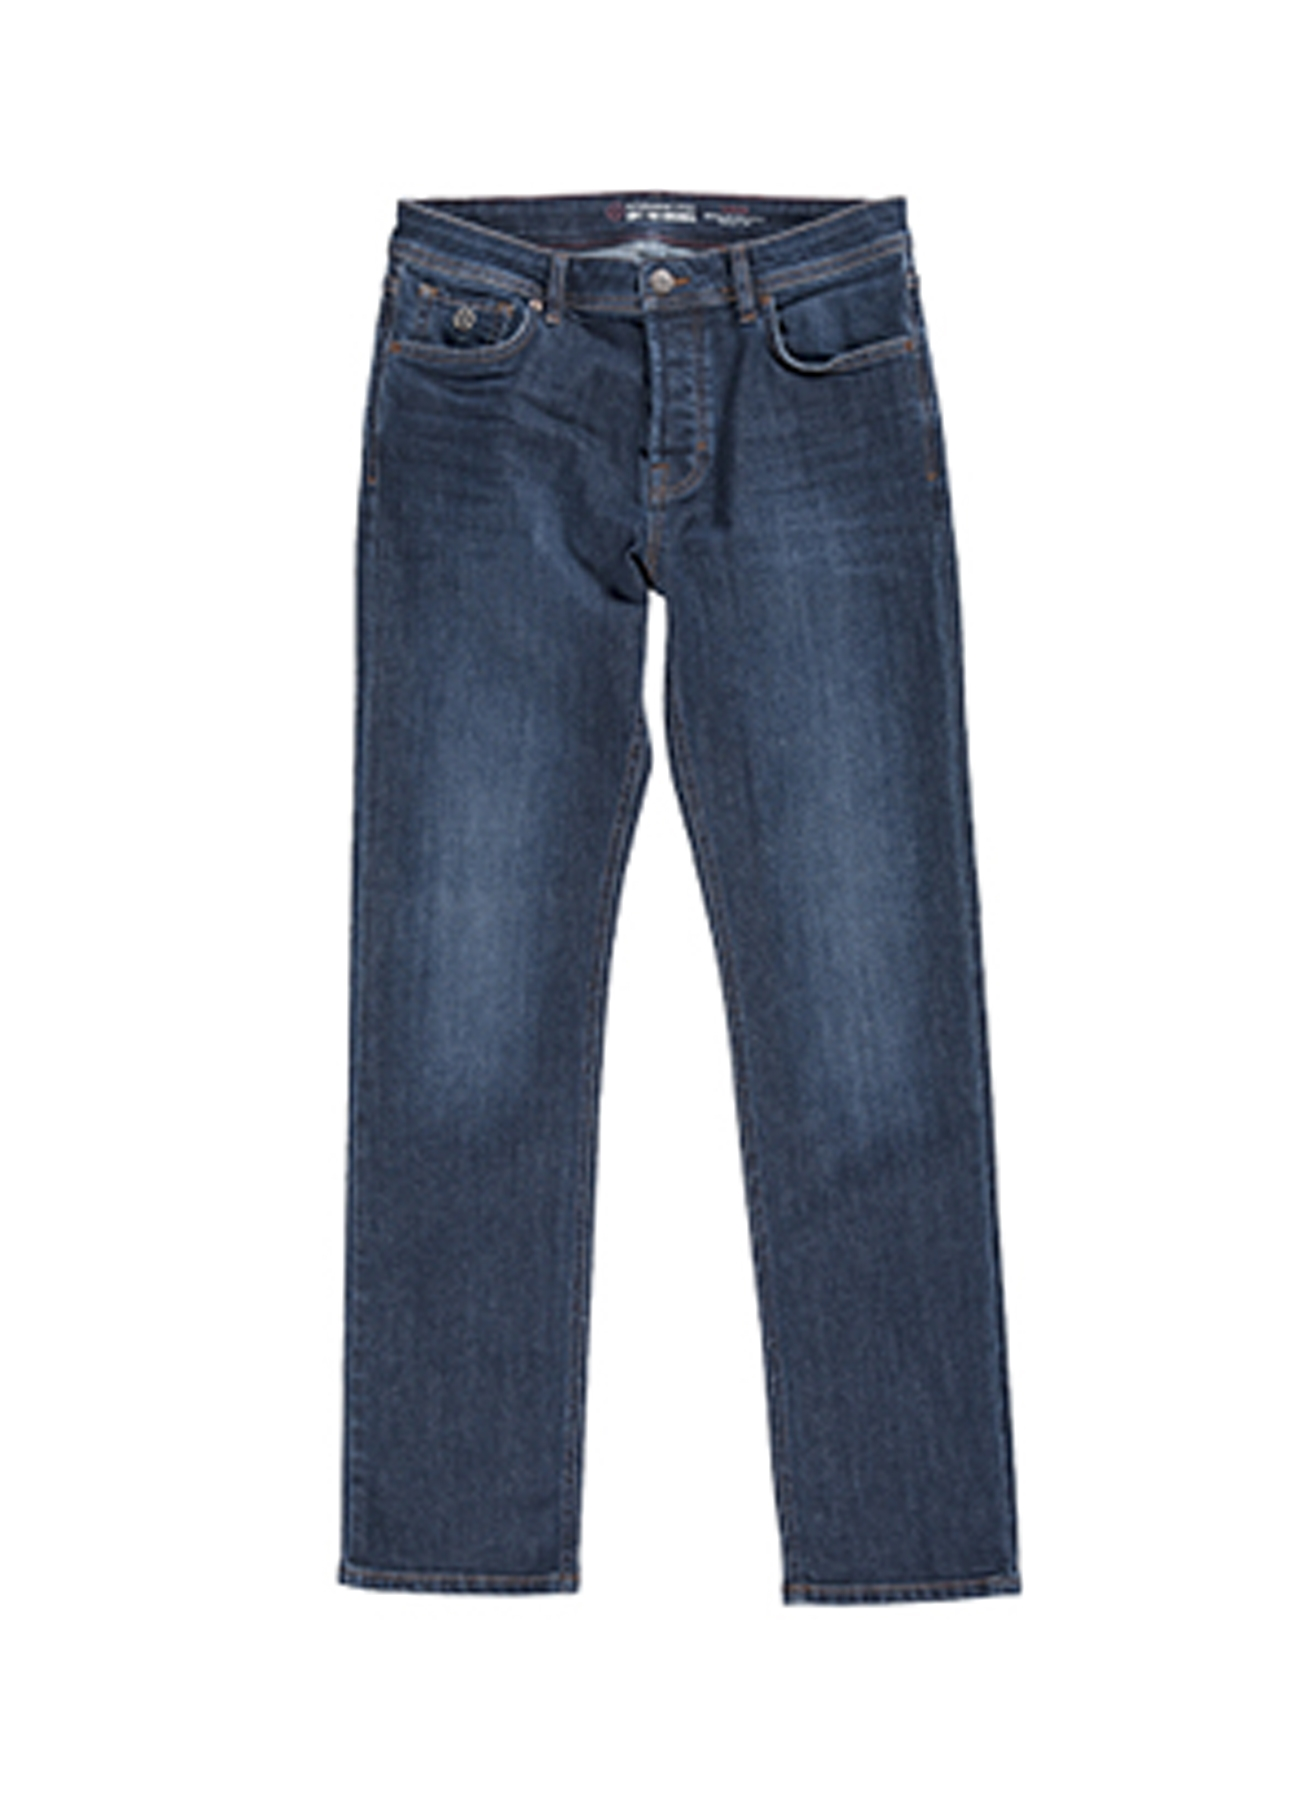 Loft Denim Pantolon 32-32 5000201935005 Ürün Resmi